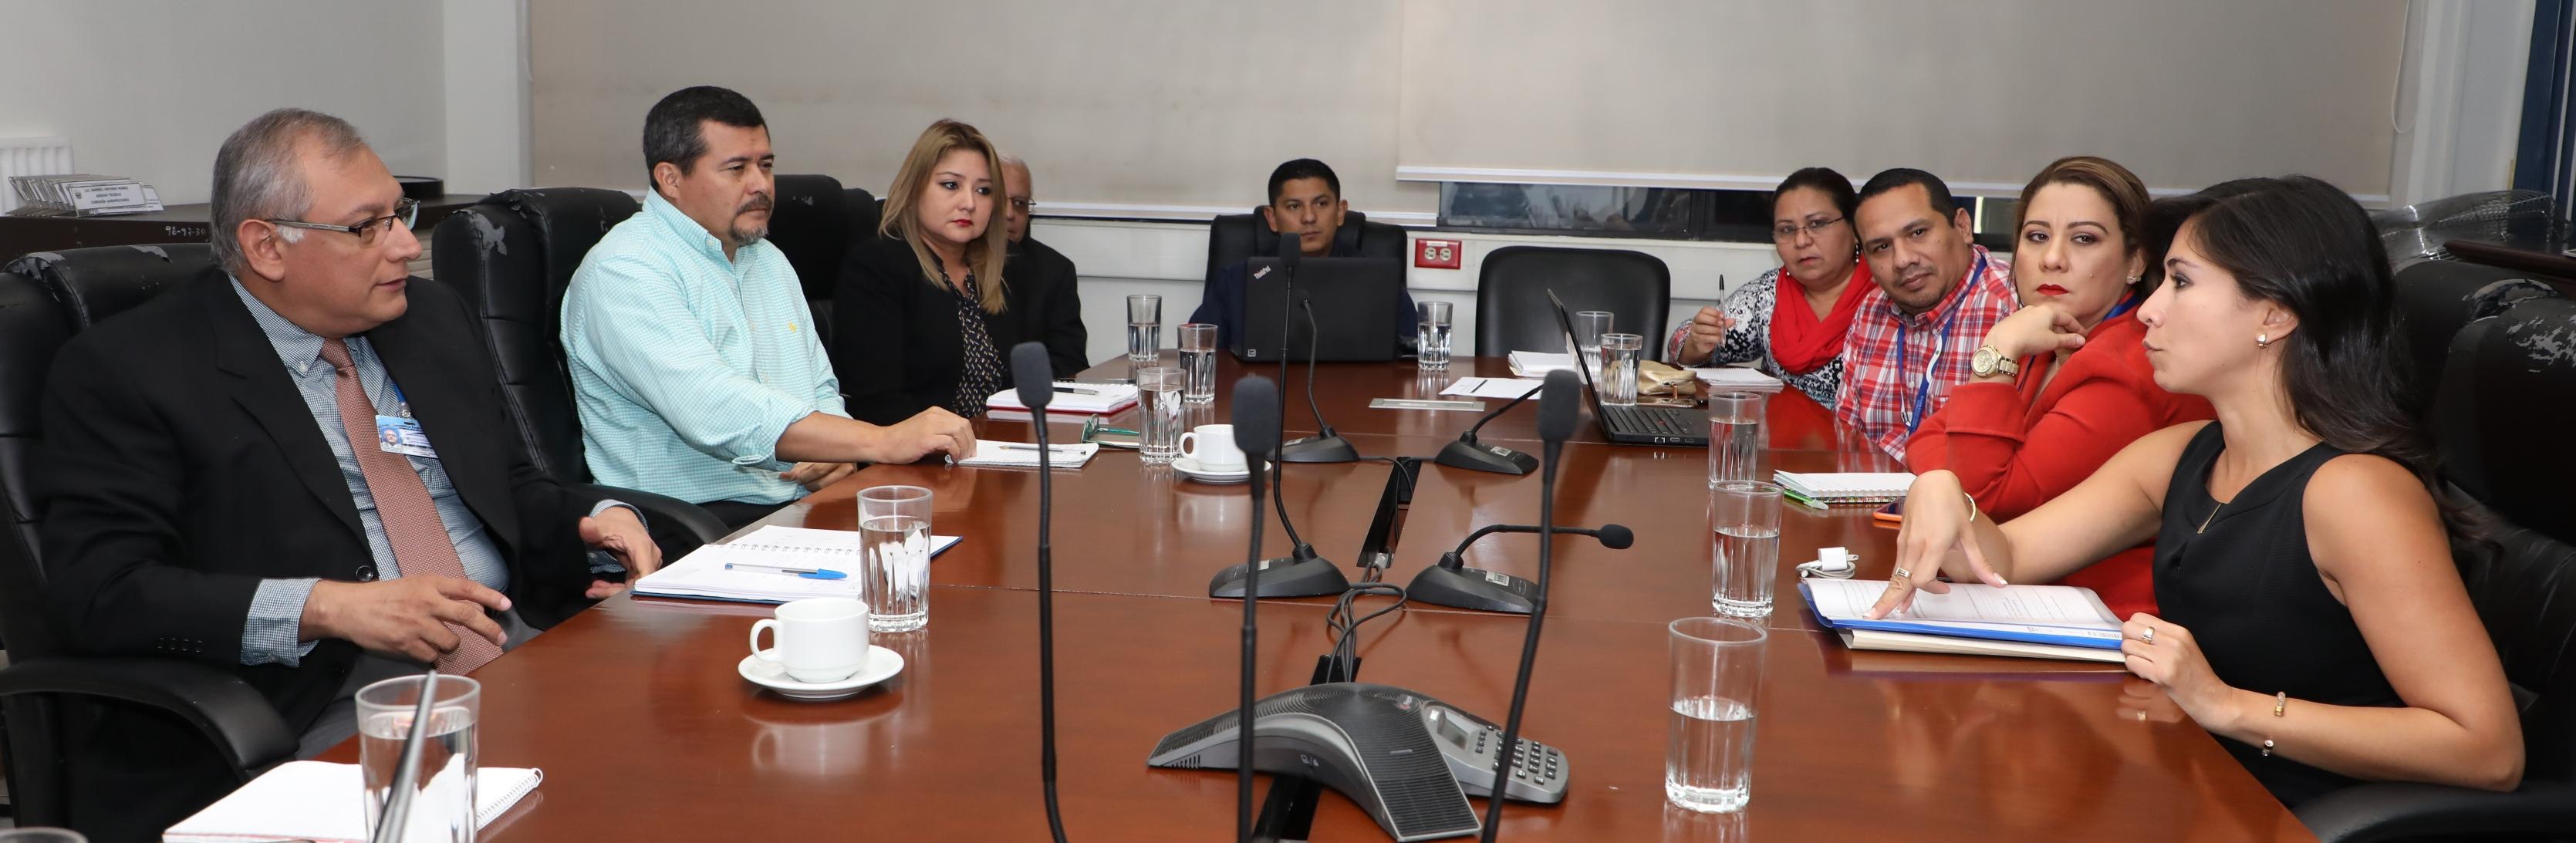 Comisión presentará propuestas de normas de control interno de la Asamblea Legislativa